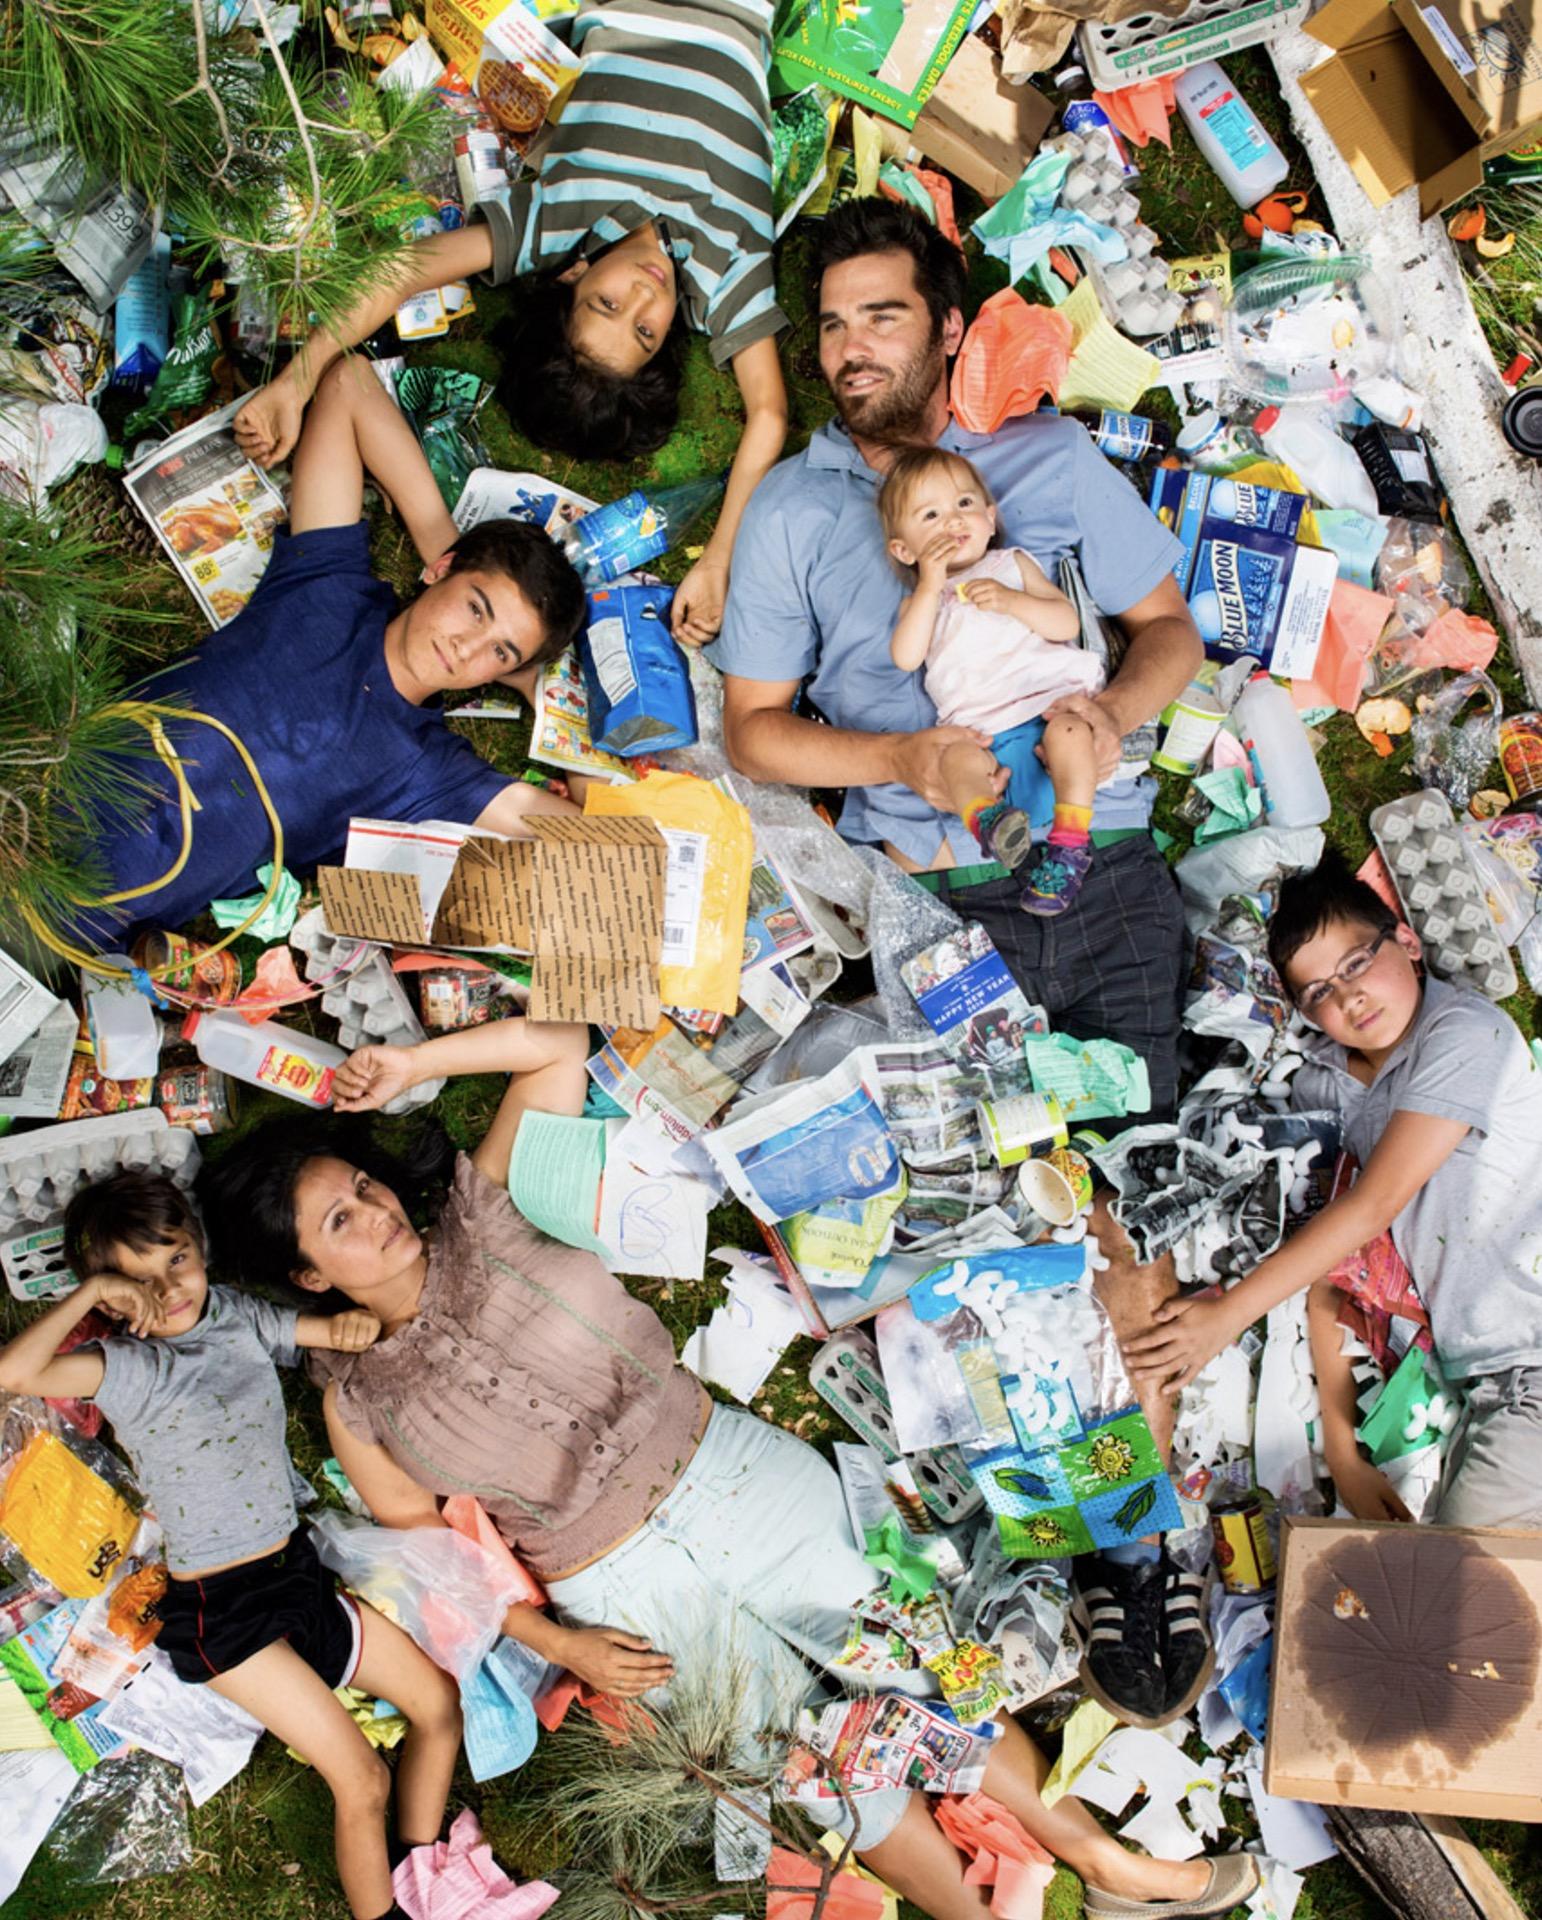 7 Days Of Garbage_Gregg Segal_organiconcrete_9